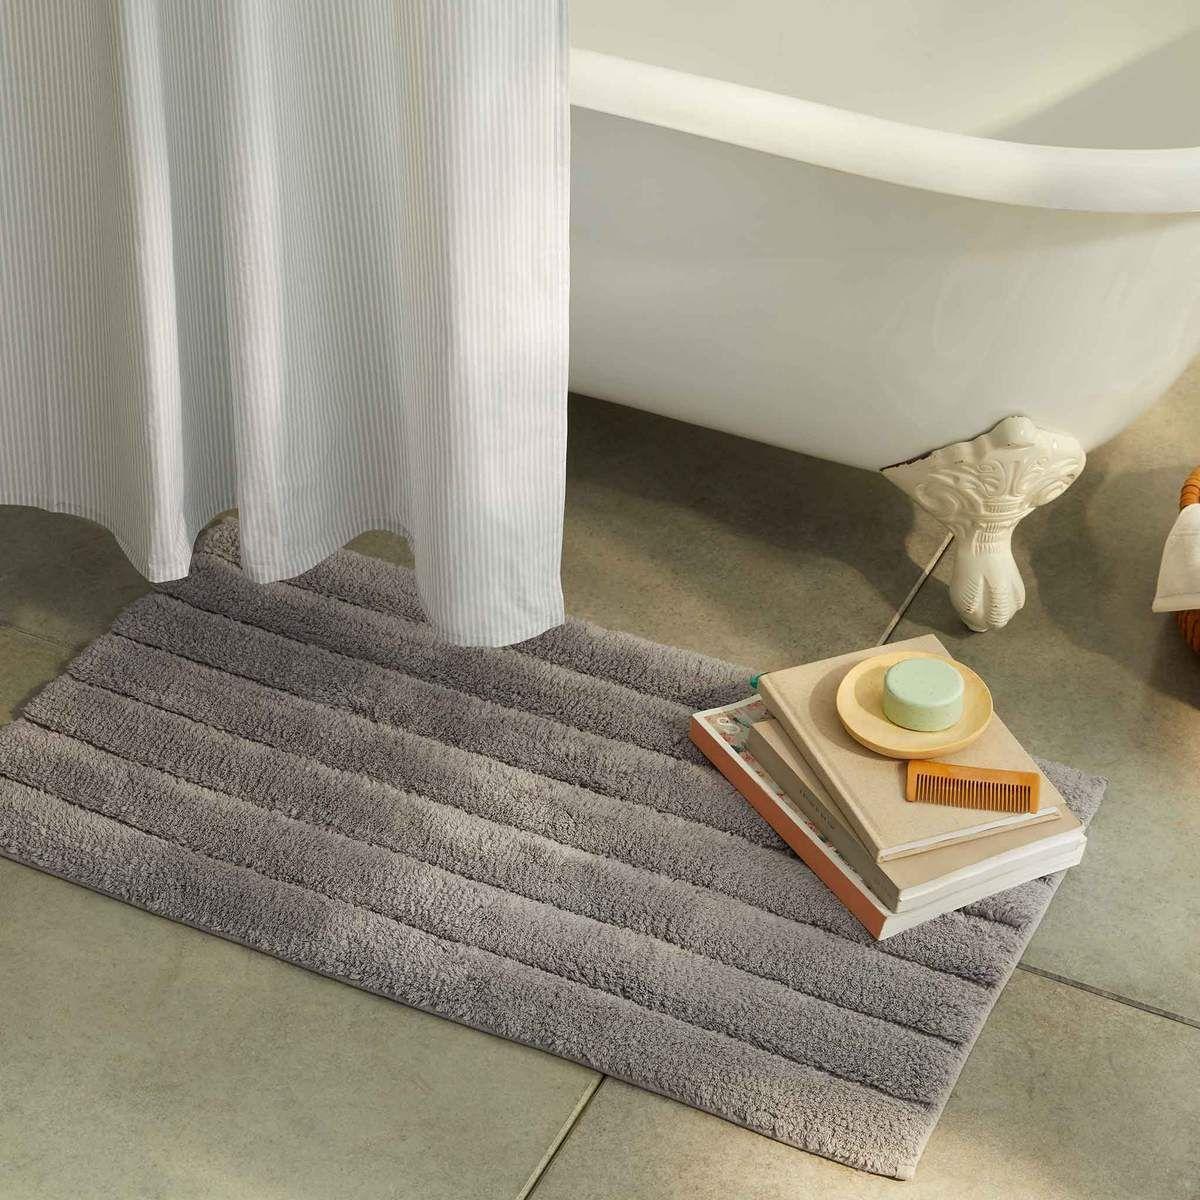 13 Best Bath Mats To Buy Online Best Bathroom Rugs 2021